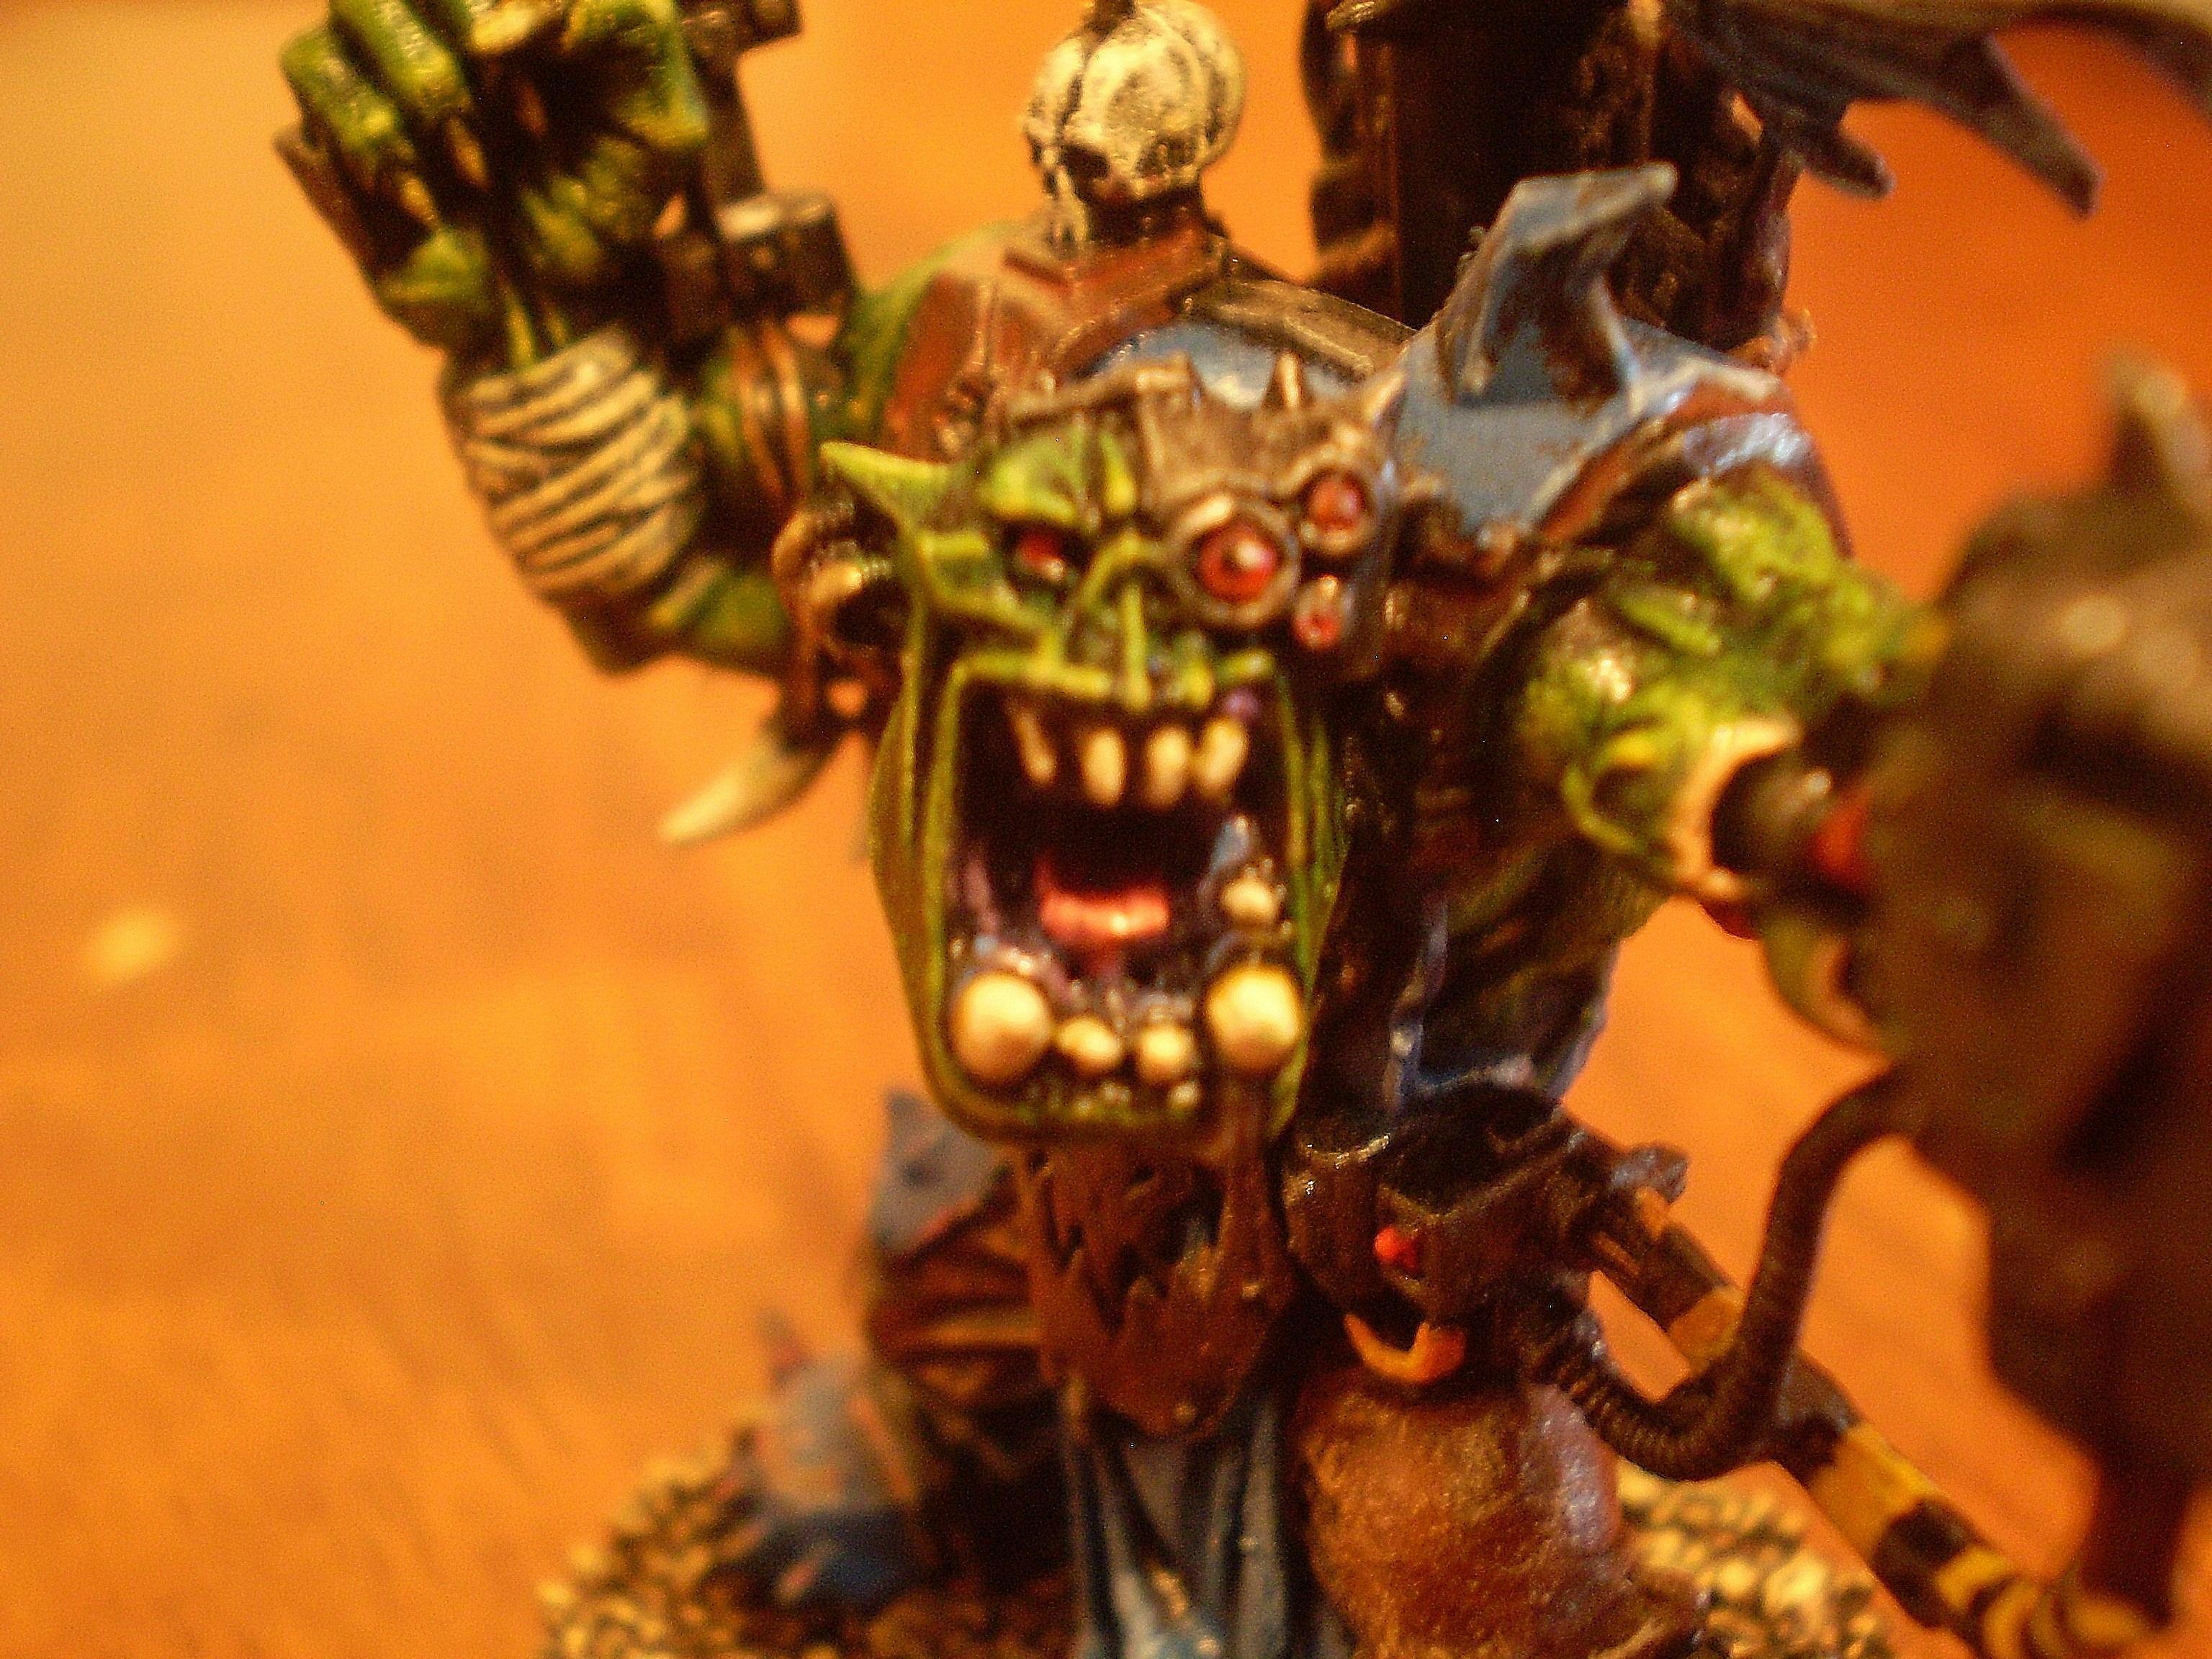 Orks, Warboss, Loota Warlord